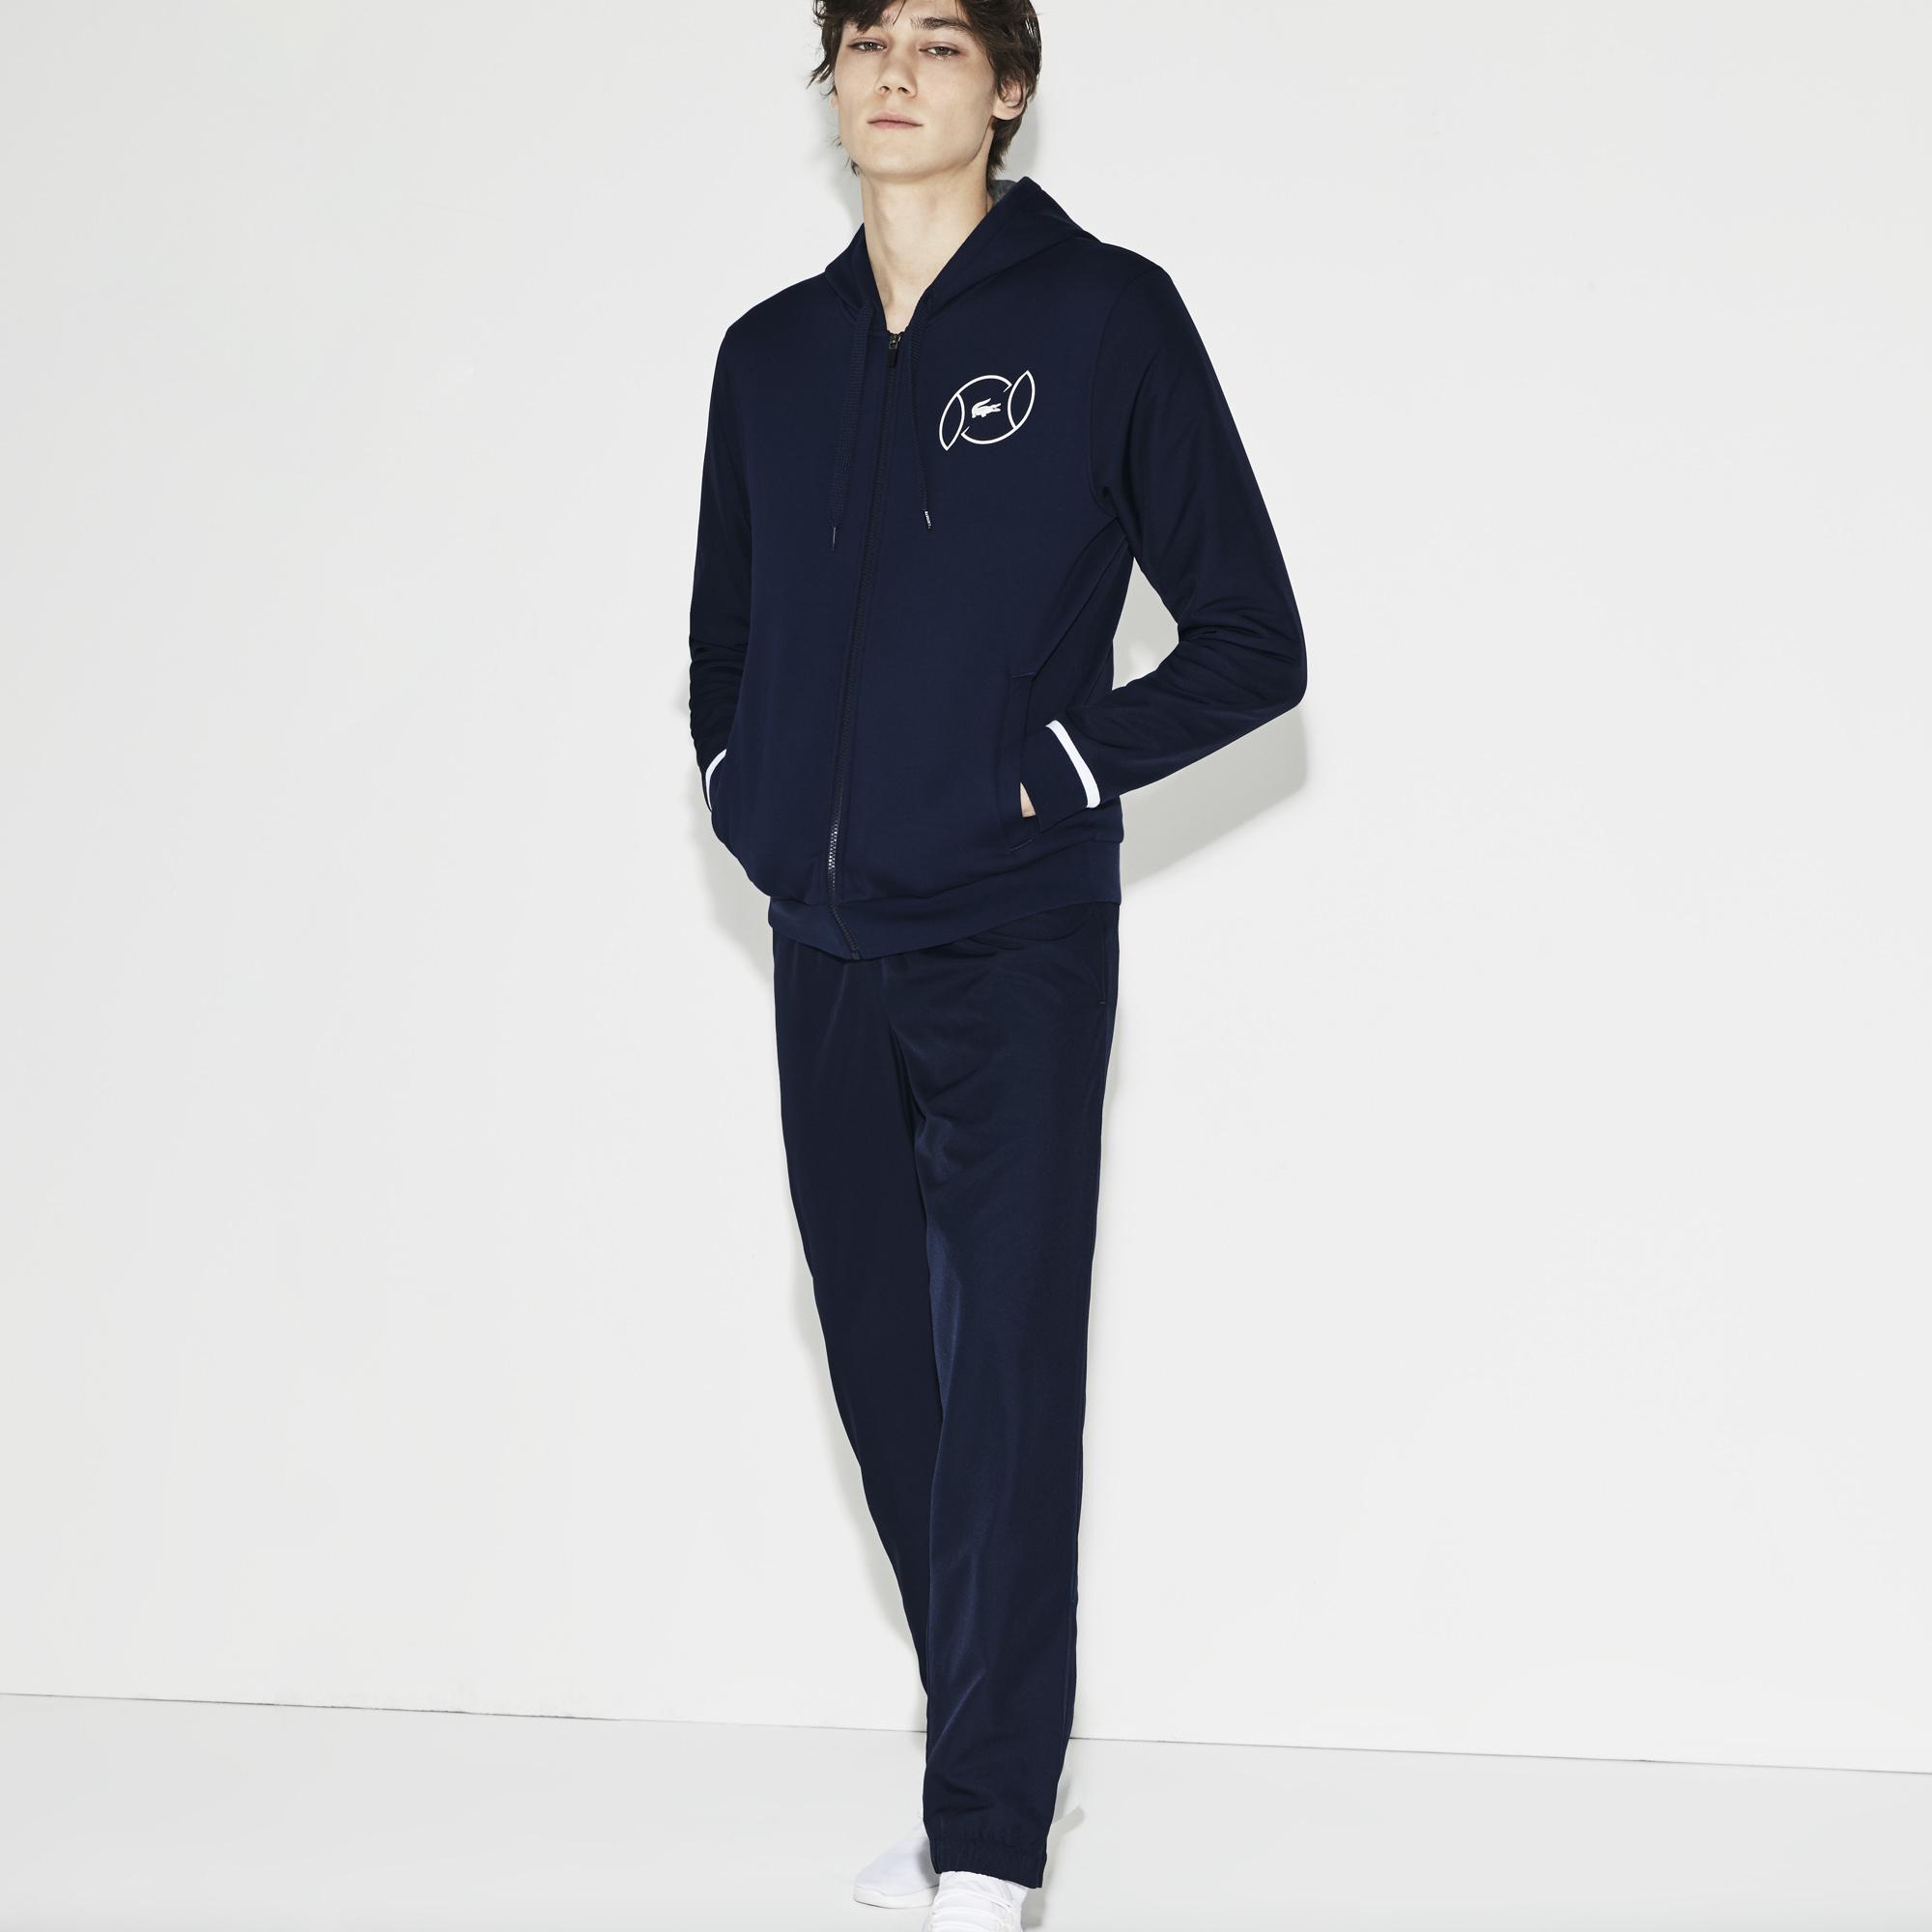 Спортивный костюм LacosteСпортивная одежда<br>100% хлопок 95% хлопок 5% эластан